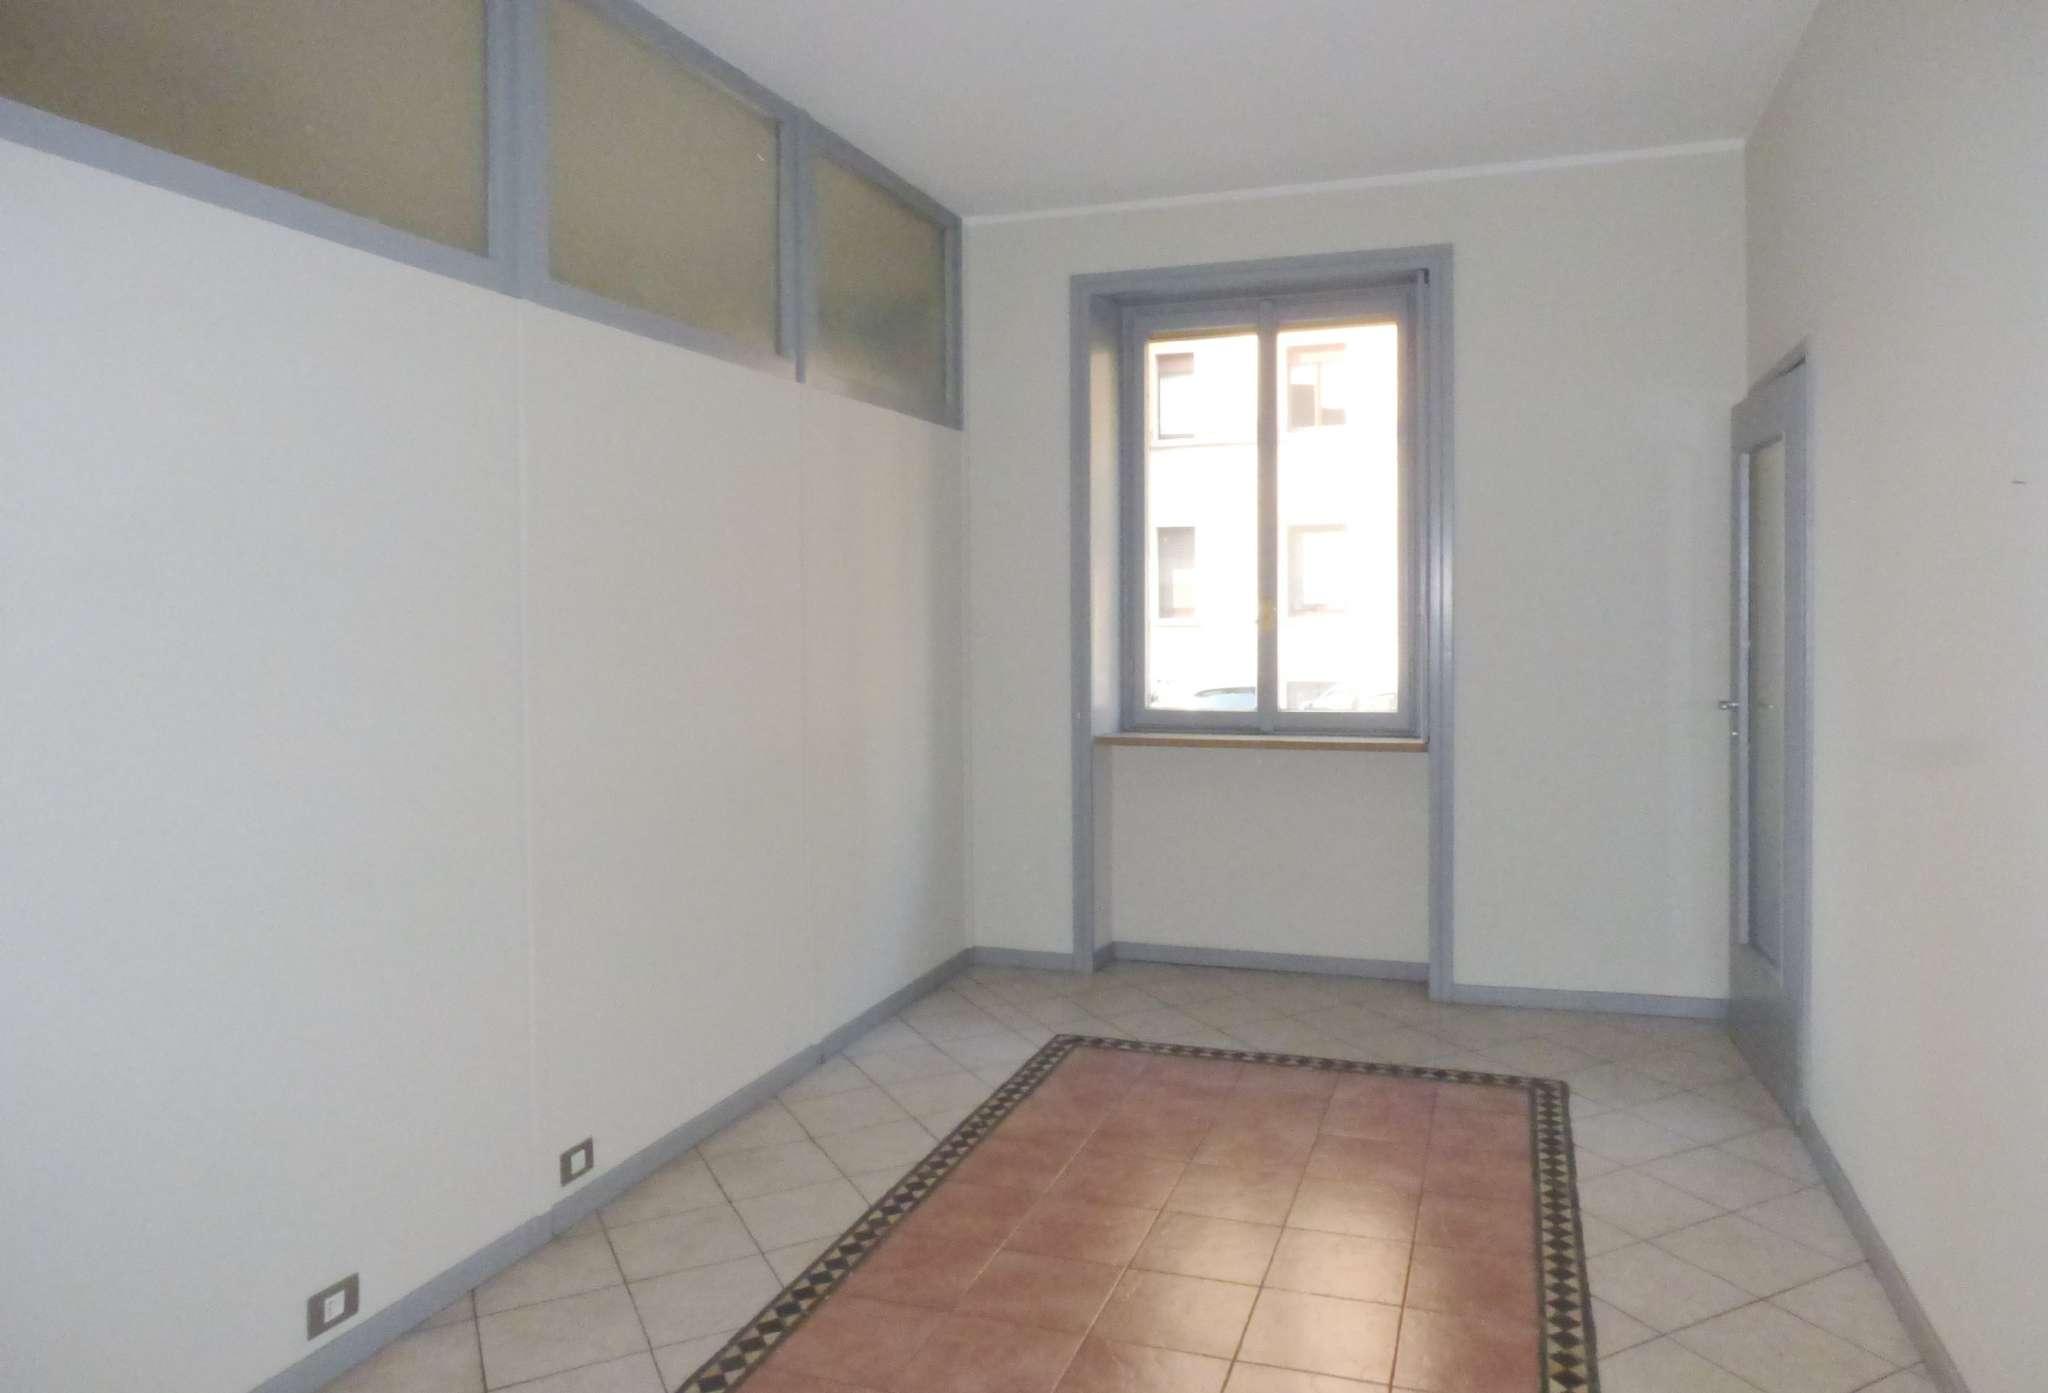 Ufficio-studio in Affitto a Milano 21 Udine / Lambrate / Ortica: 4 locali, 120 mq